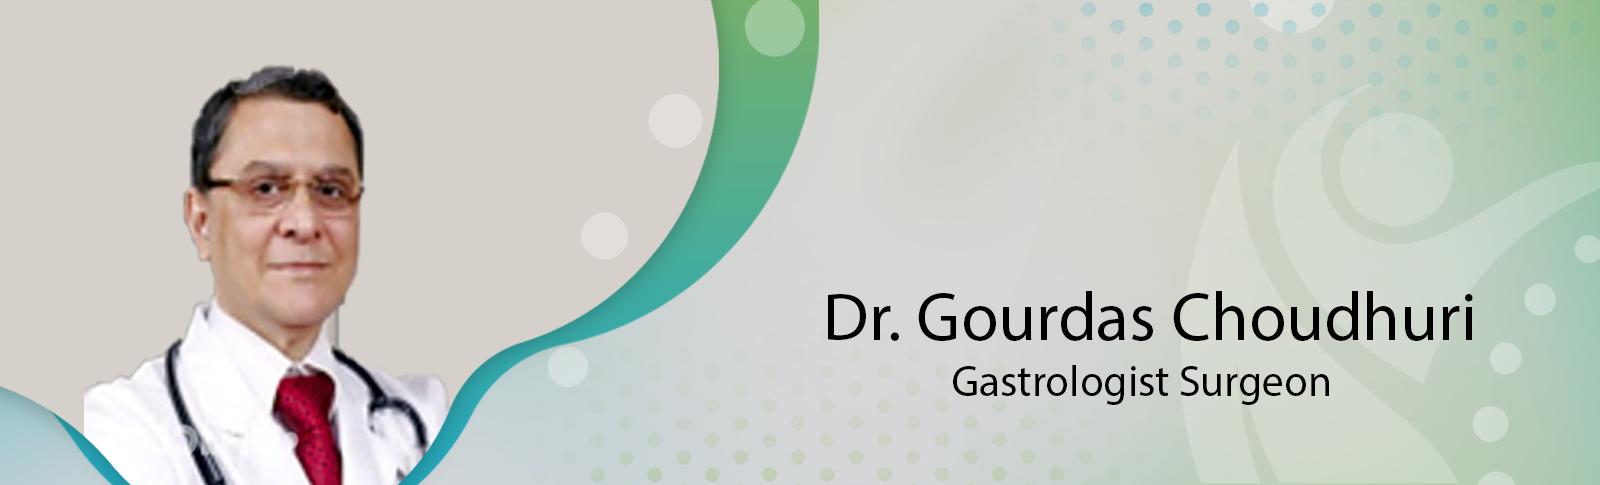 Dr. Gaourdas Chawdhry